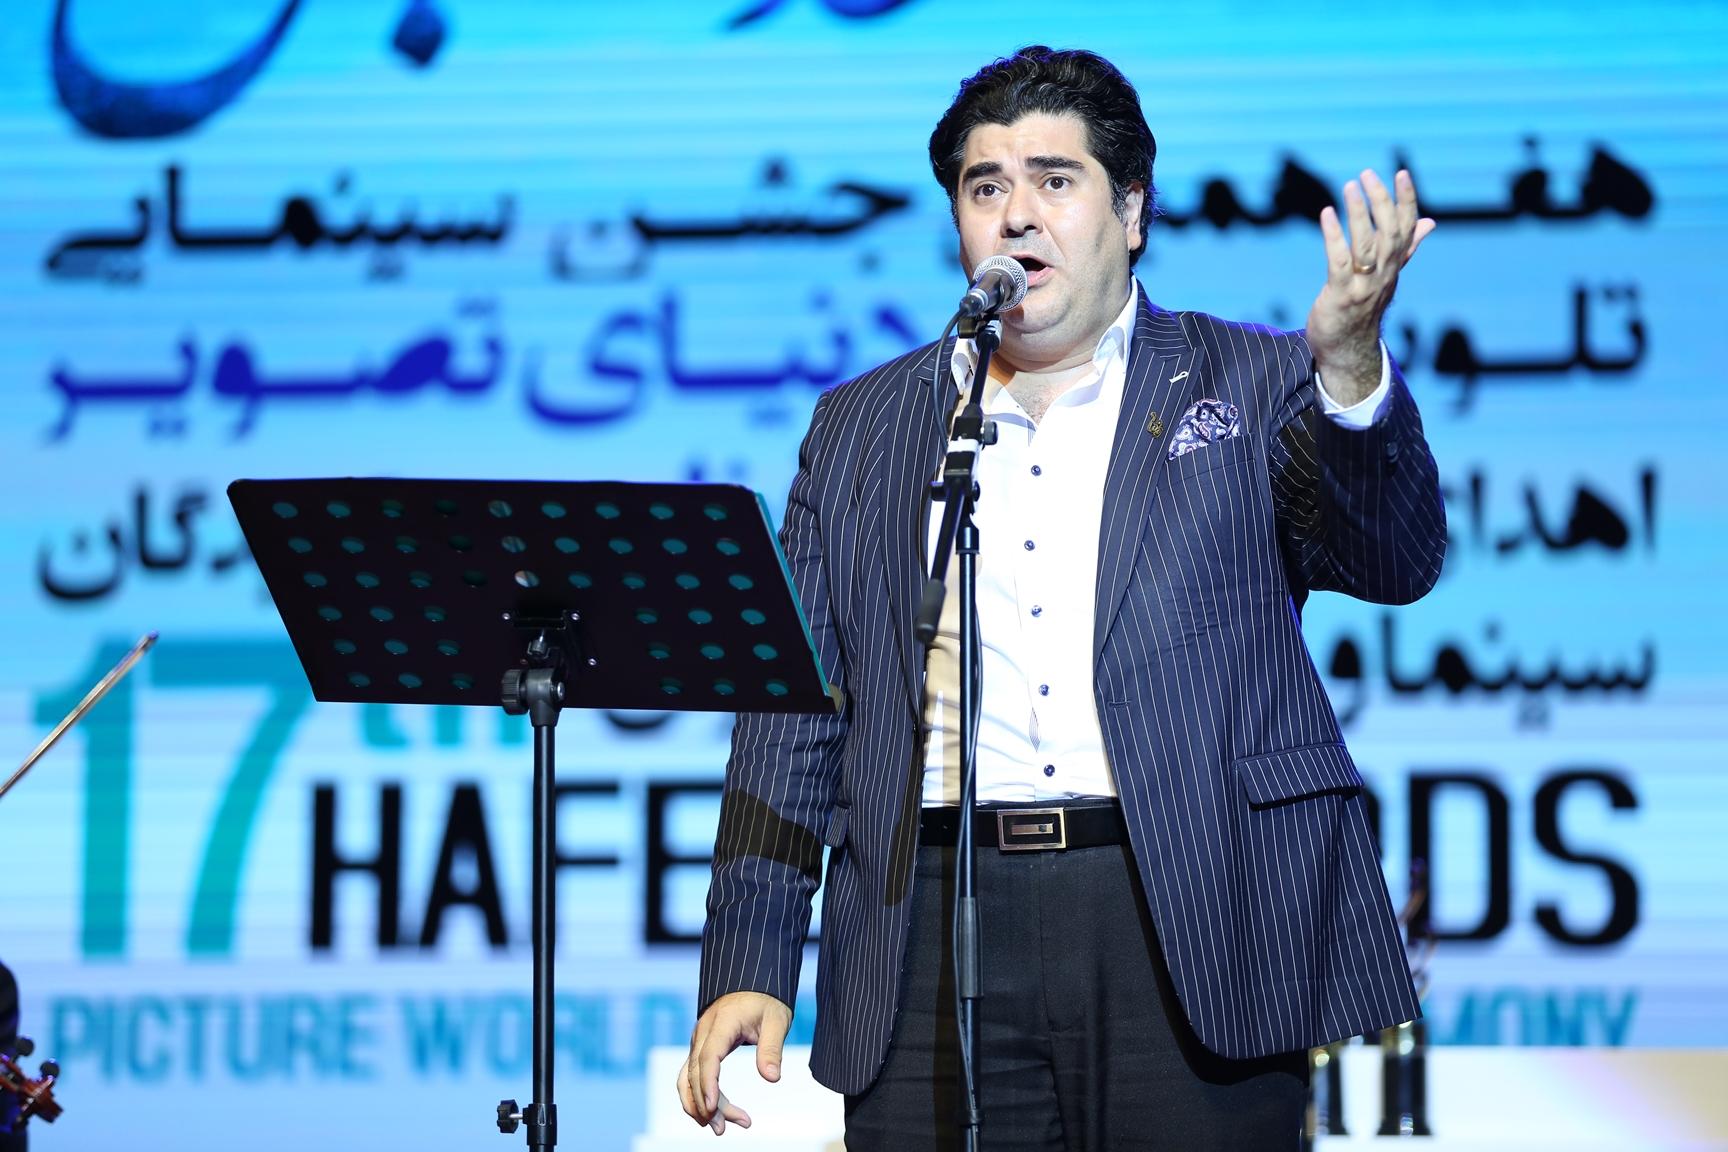 پایان کار جشن حافظ با یادی از شهید حججی/ شوخی مهران مدیری با گلزار و امین حیایی